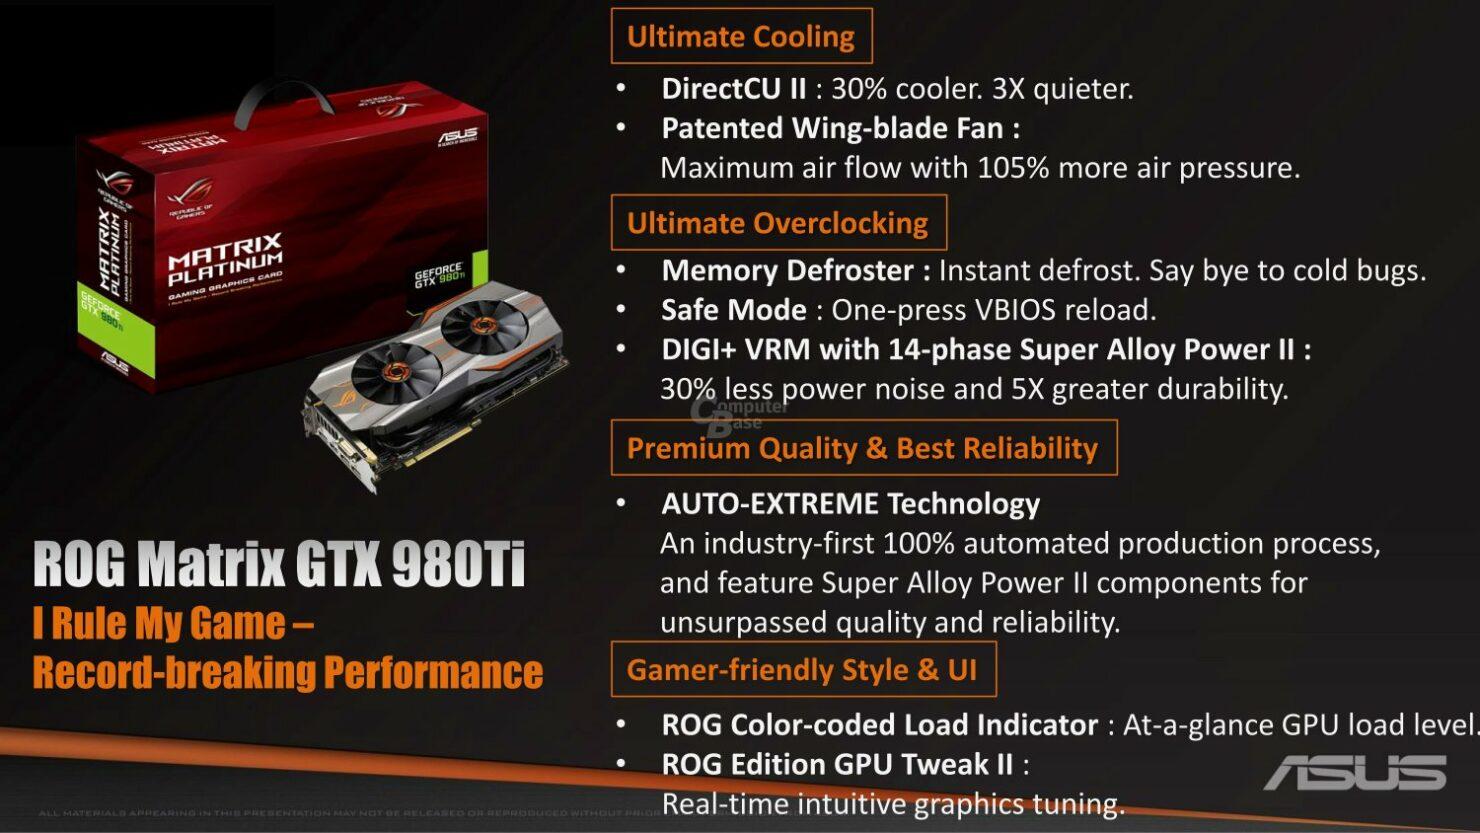 asus-rog-matrix-gtx-980-ti-platinum_features